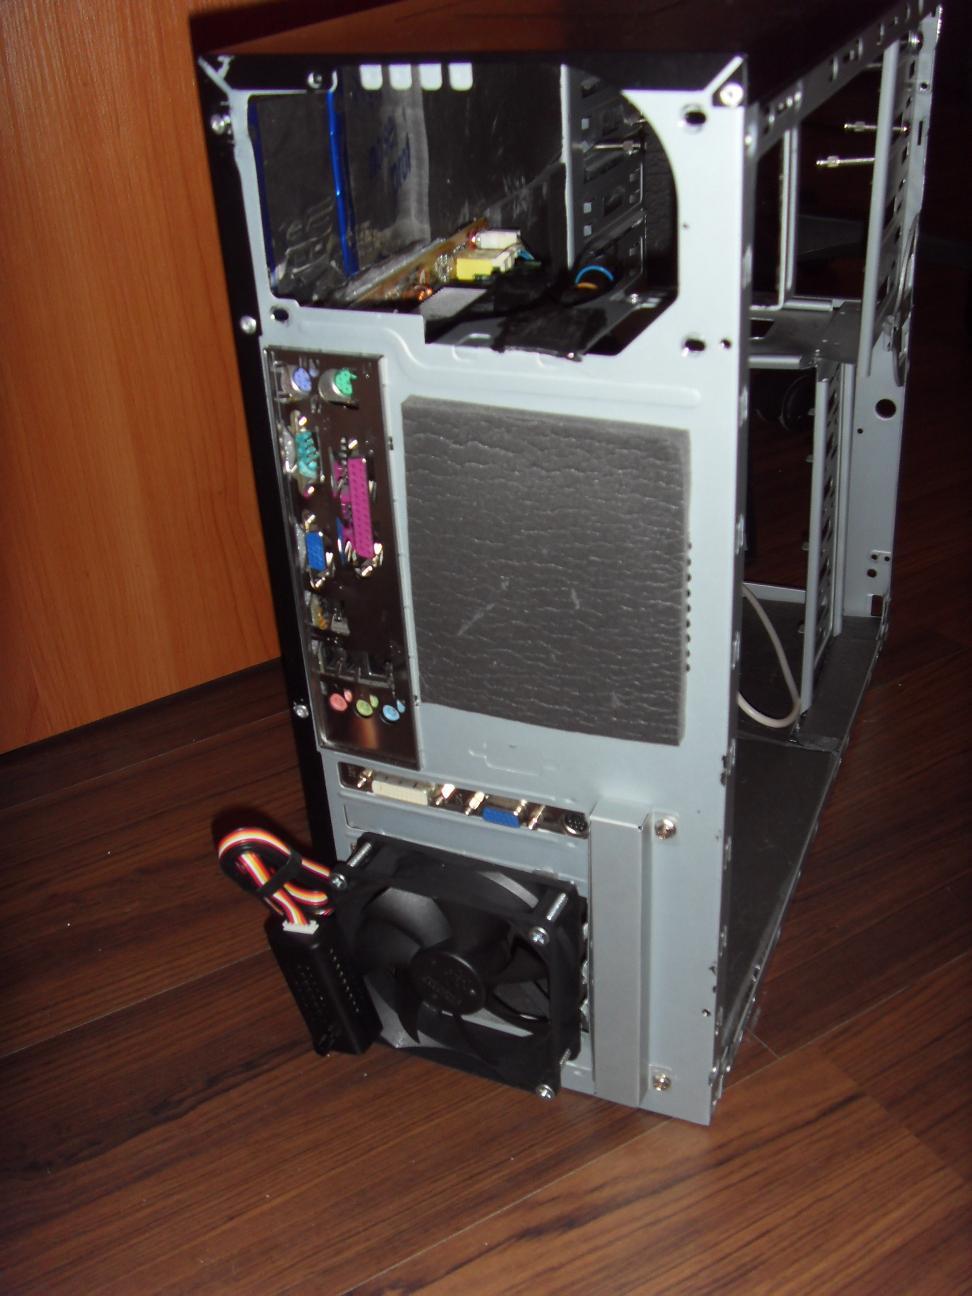 хостинг на сервер крмп